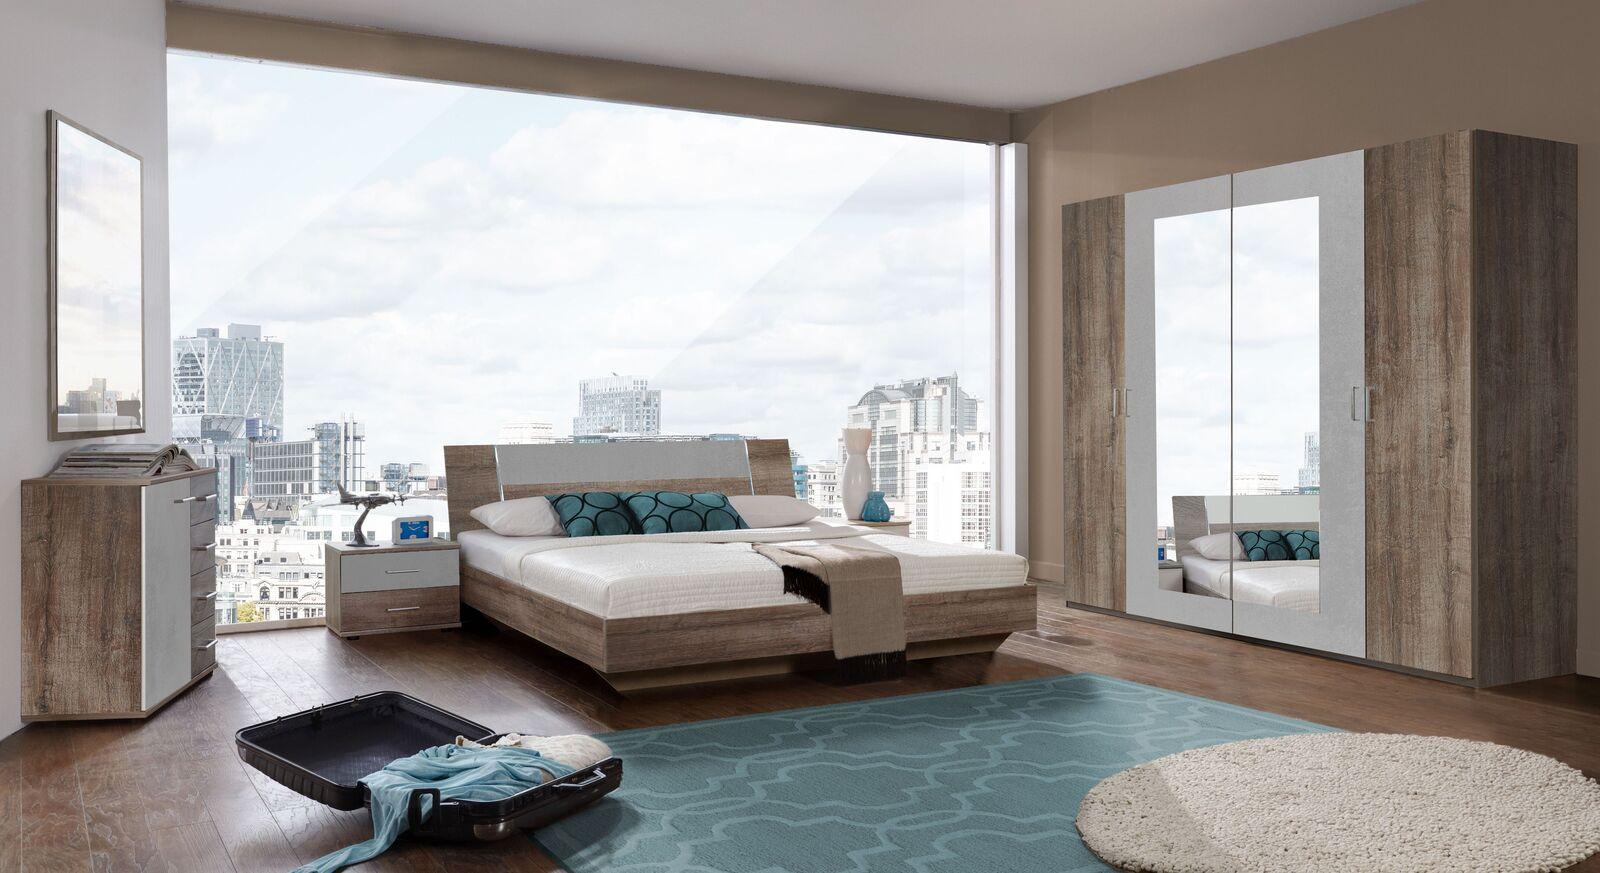 Komplett-Schlafzimmer Ovatio preiswert online kaufen